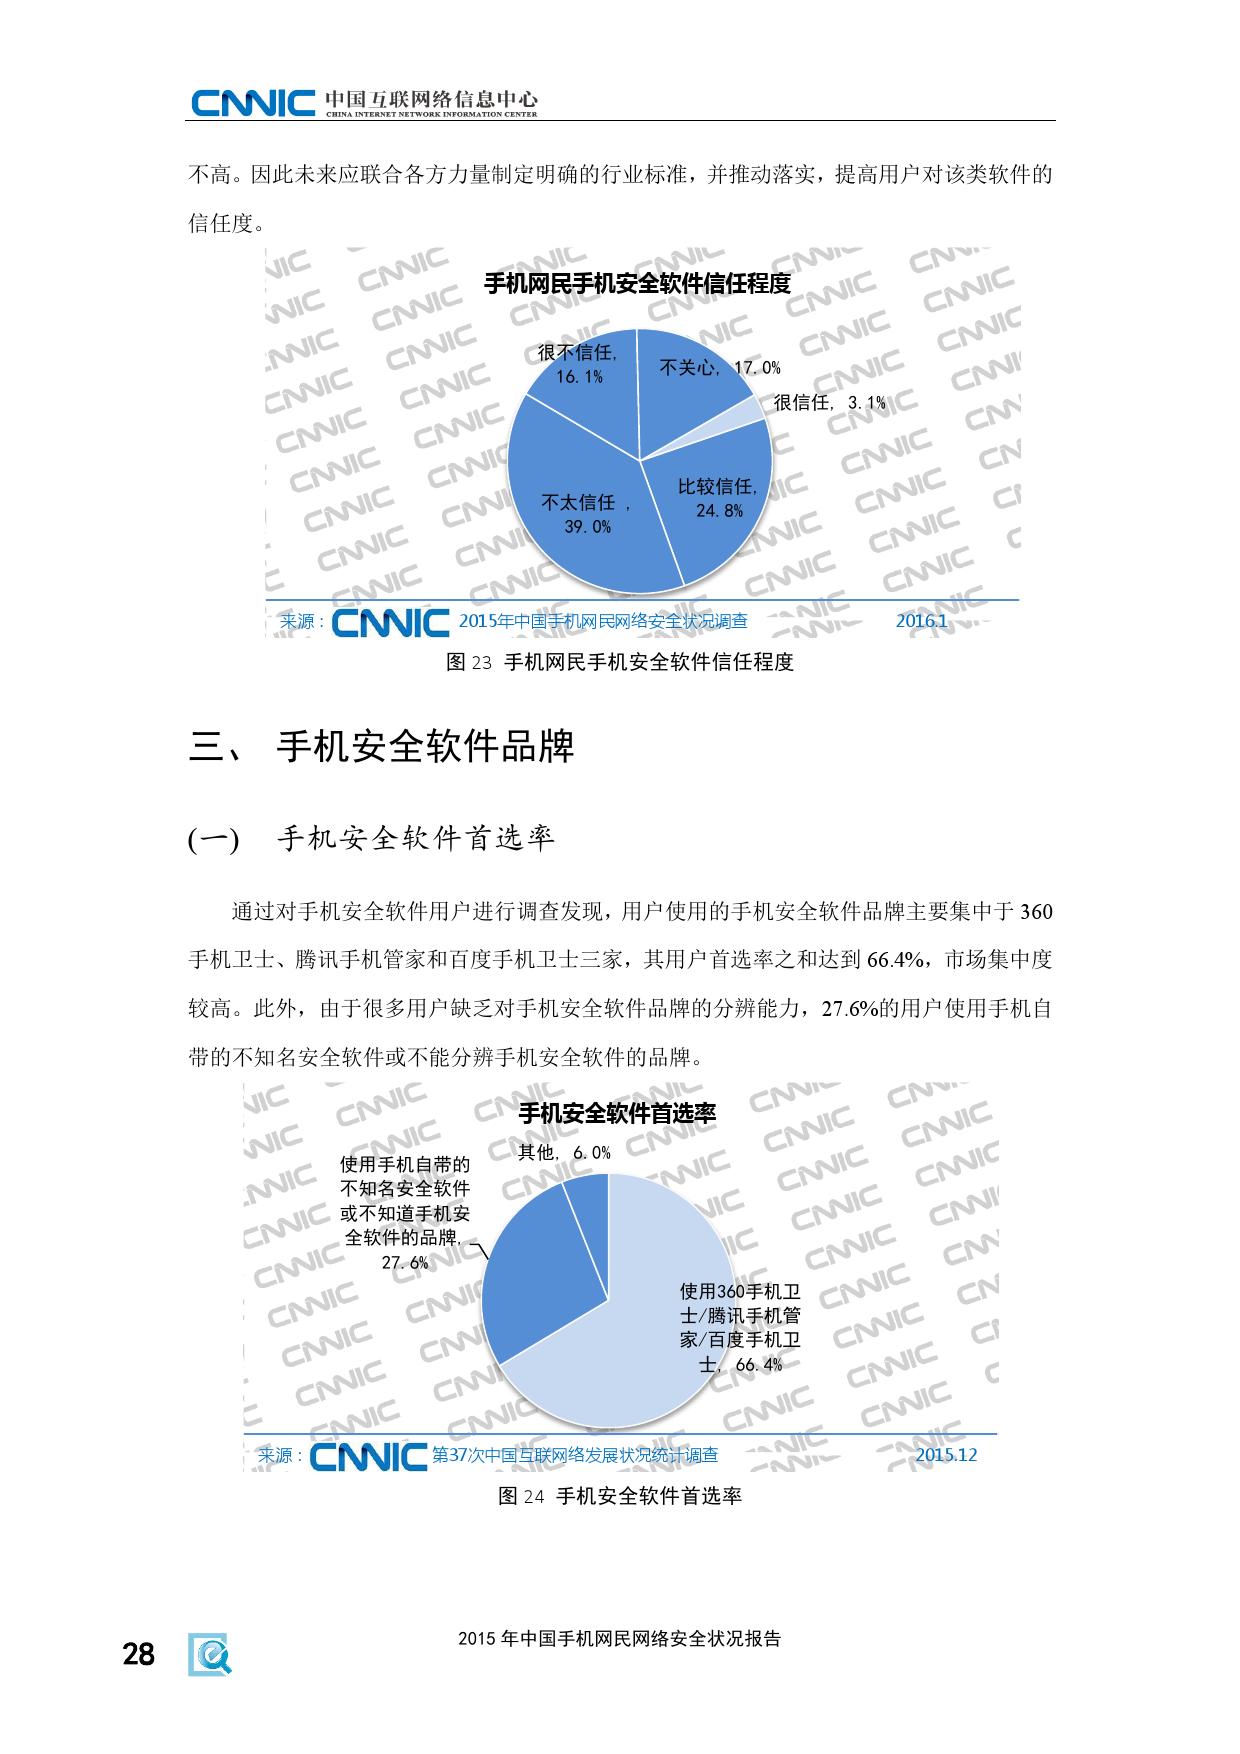 2015年中国手机网民网络安全状况报告_000034